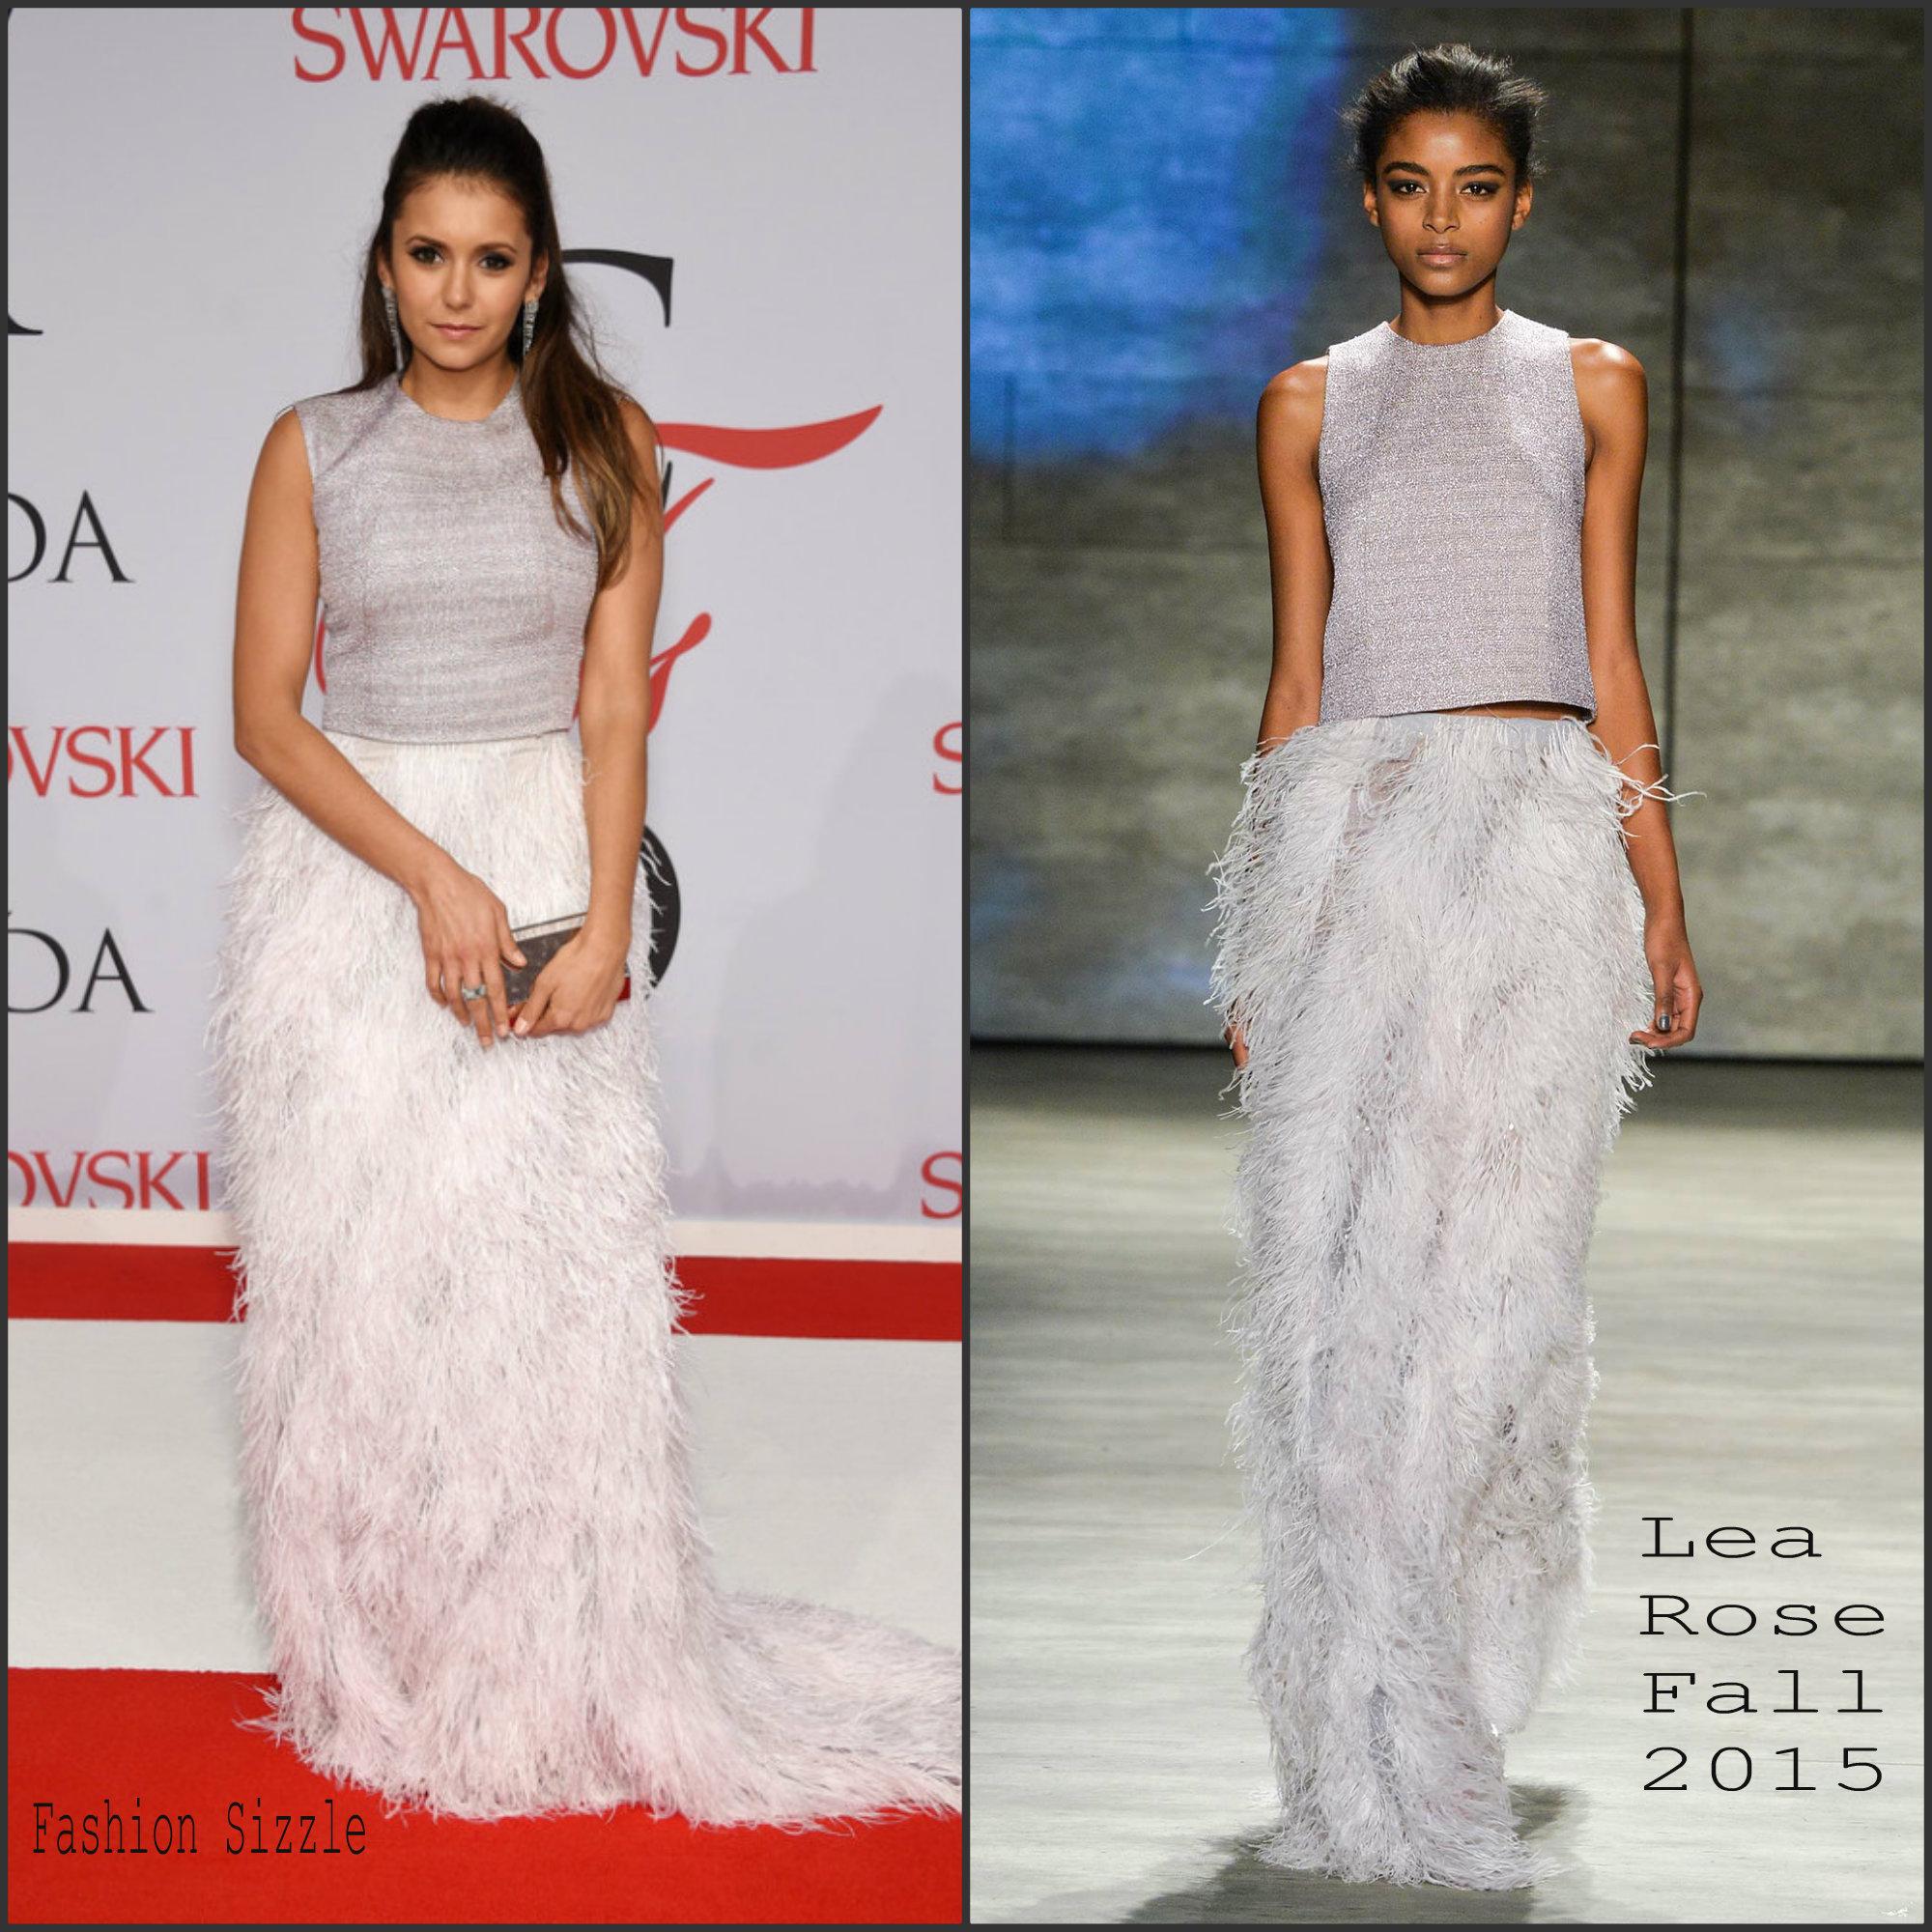 nina-dobrev-in-lea-rose-at-the-2015-cfda-fashion-awards